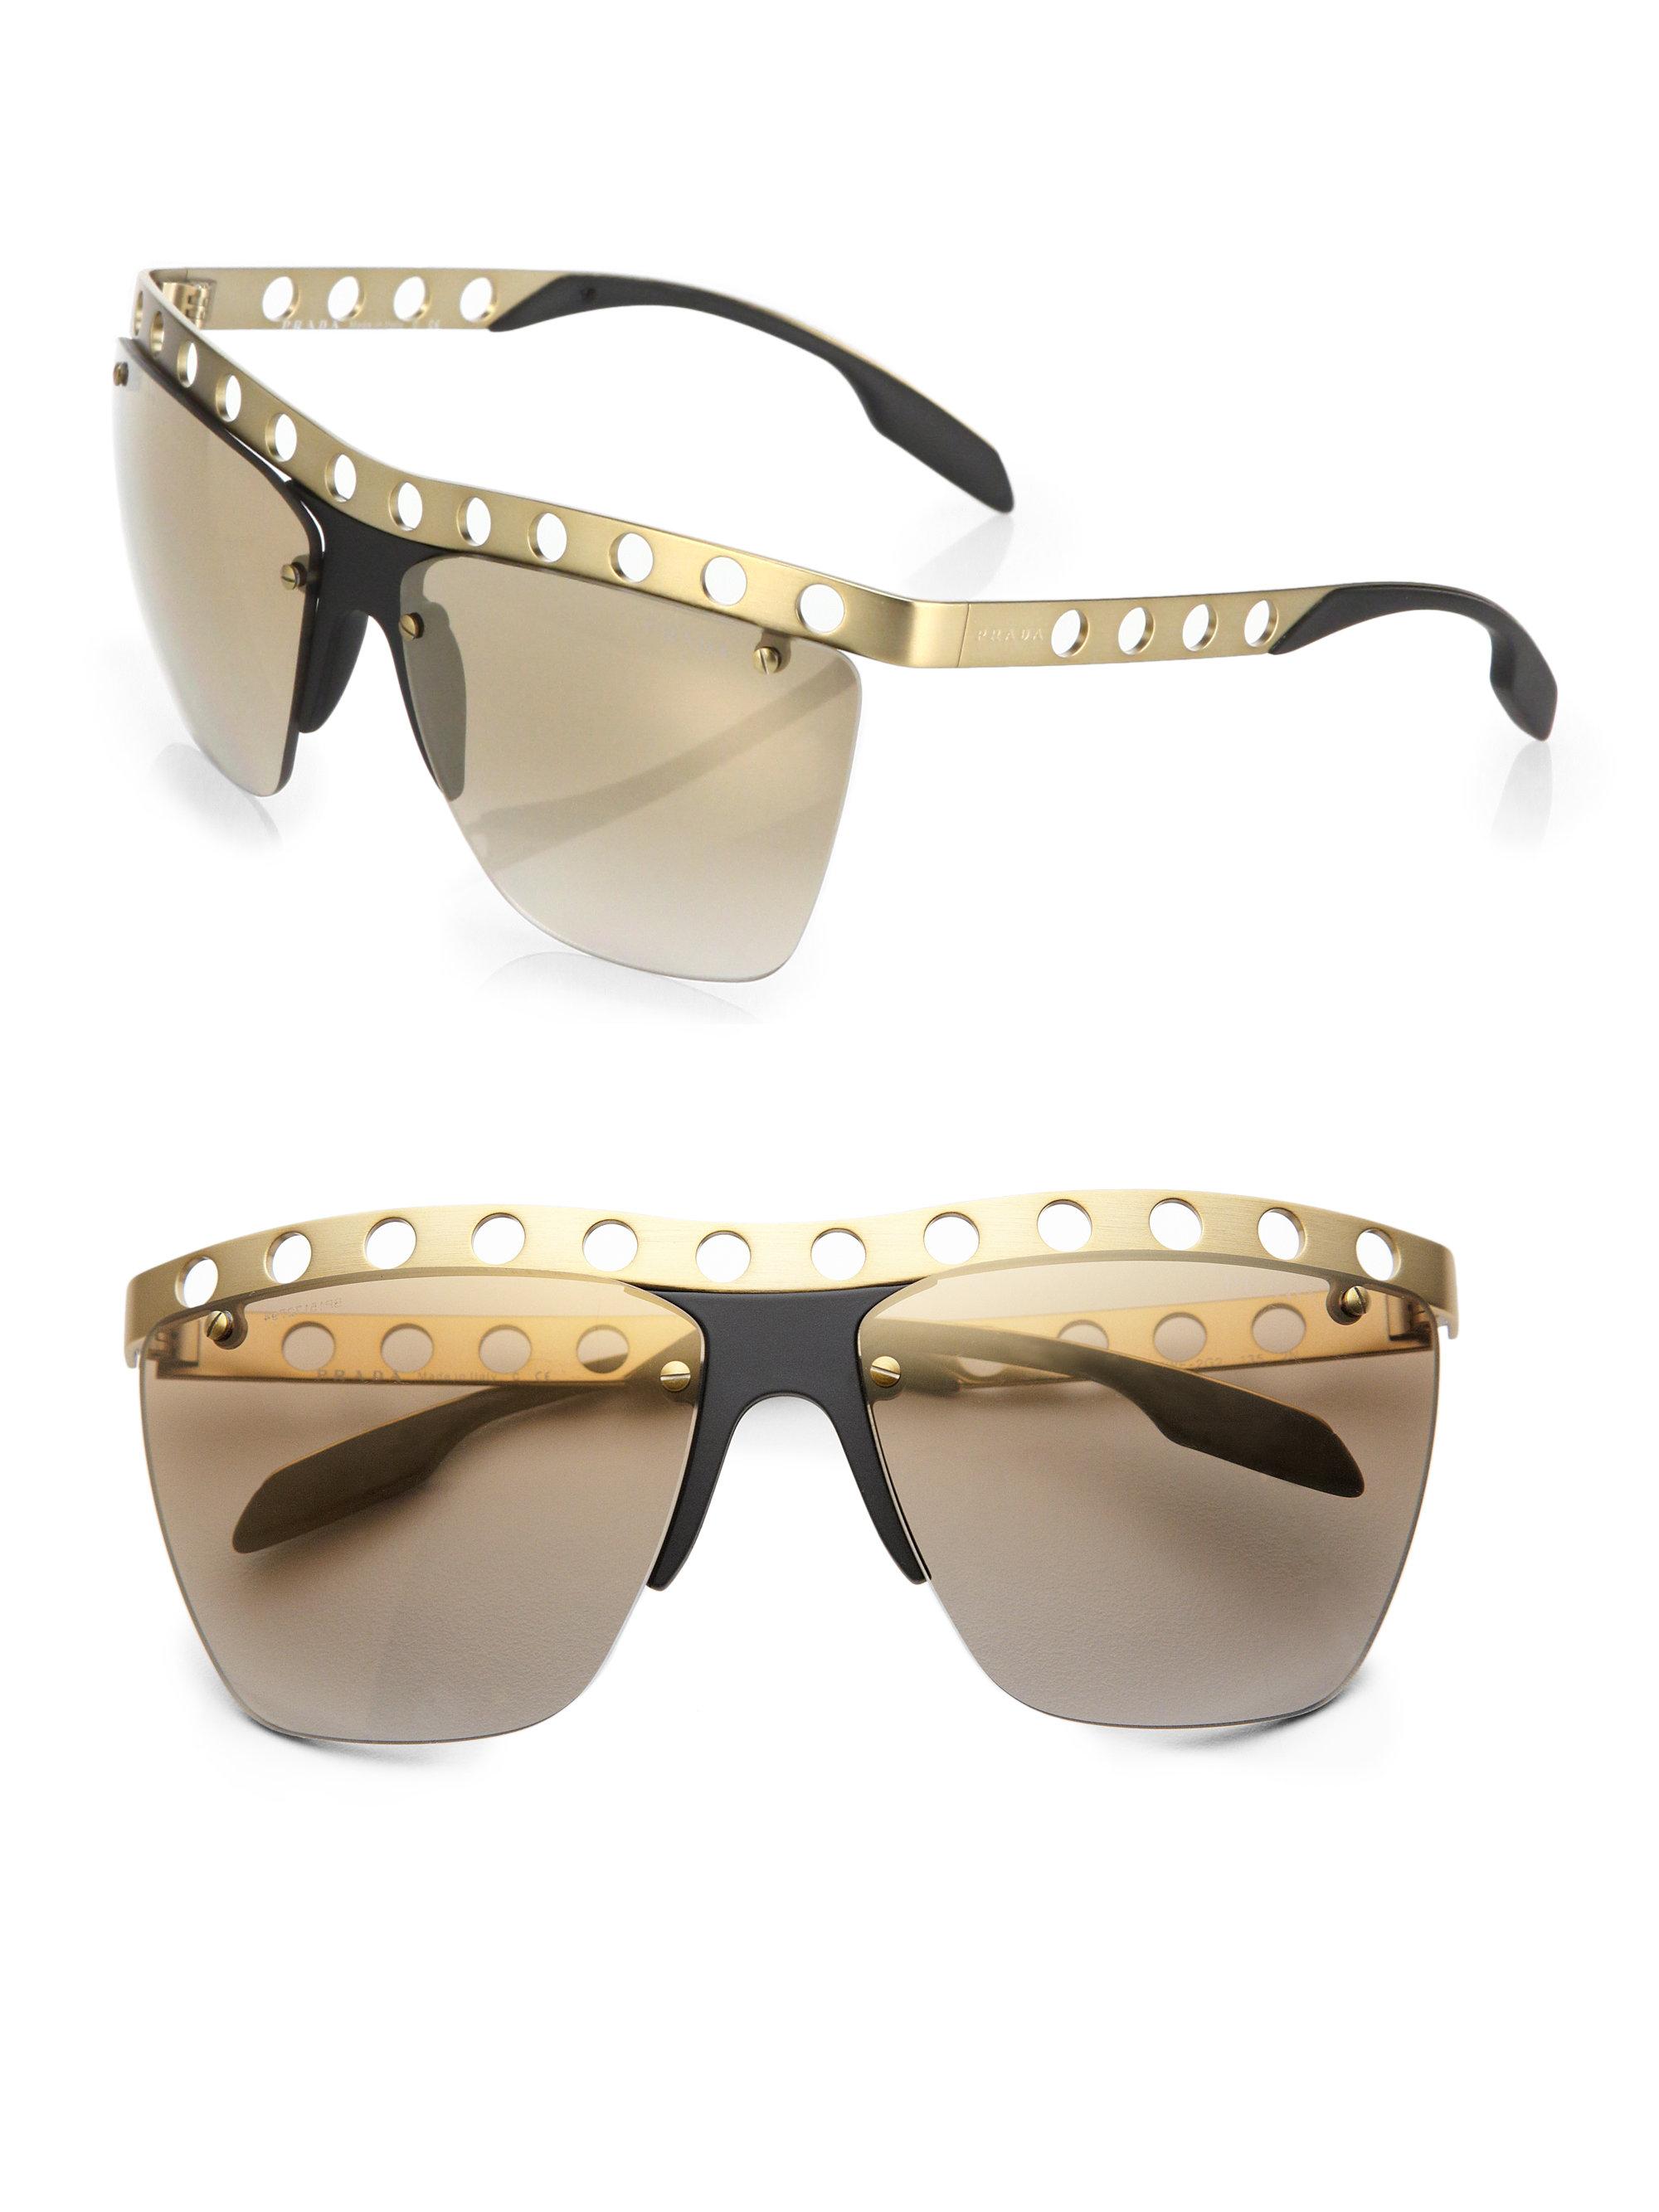 a734b539d32 Prada Square Rimless Sunglasses